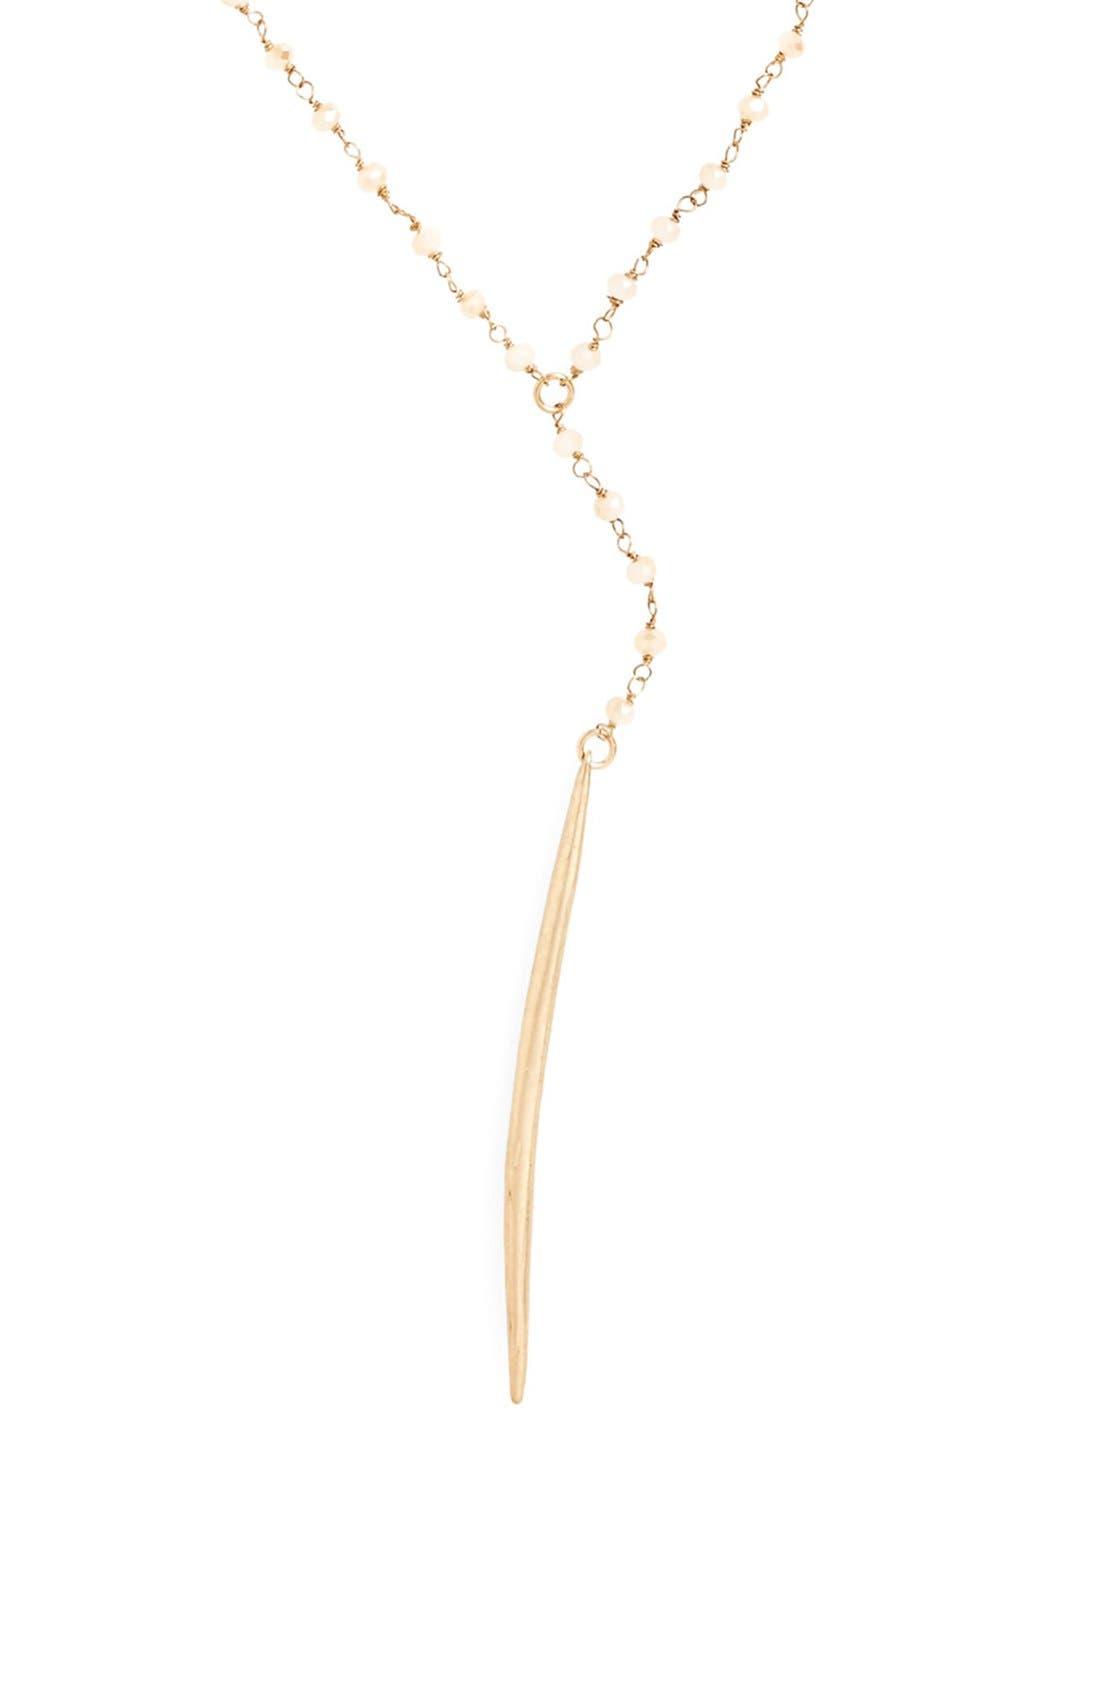 Spear Pendant Necklace,                             Alternate thumbnail 2, color,                             250